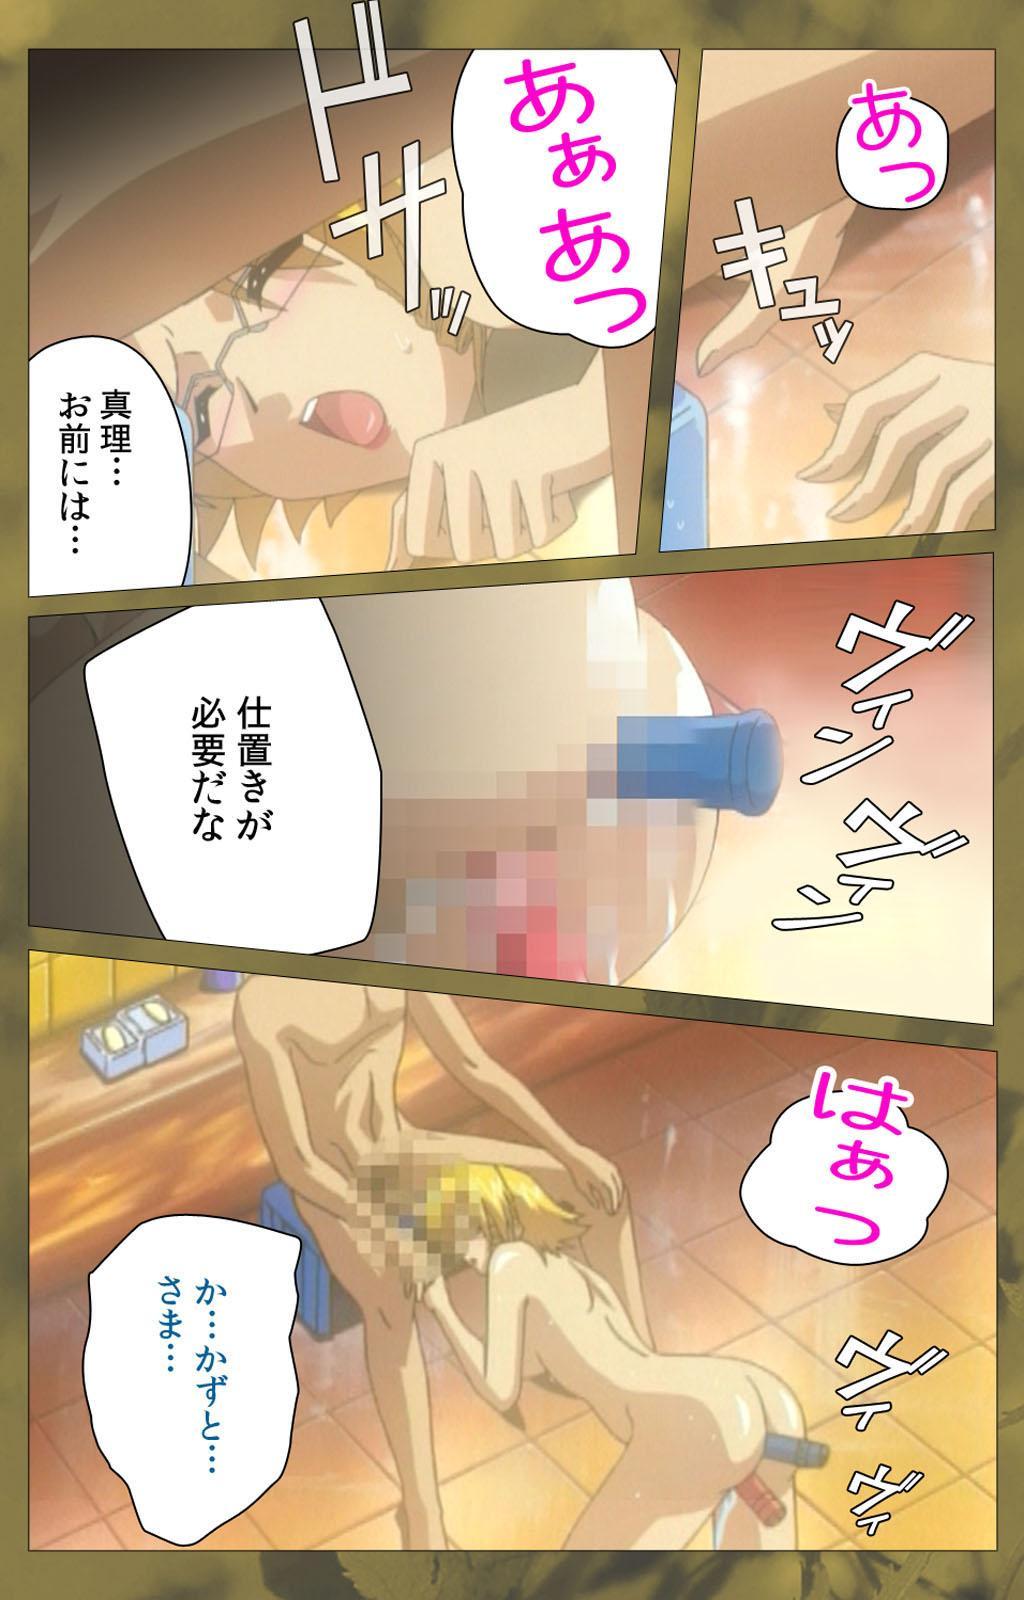 'watashi ningyo jaarimasen' kanzenhan 350